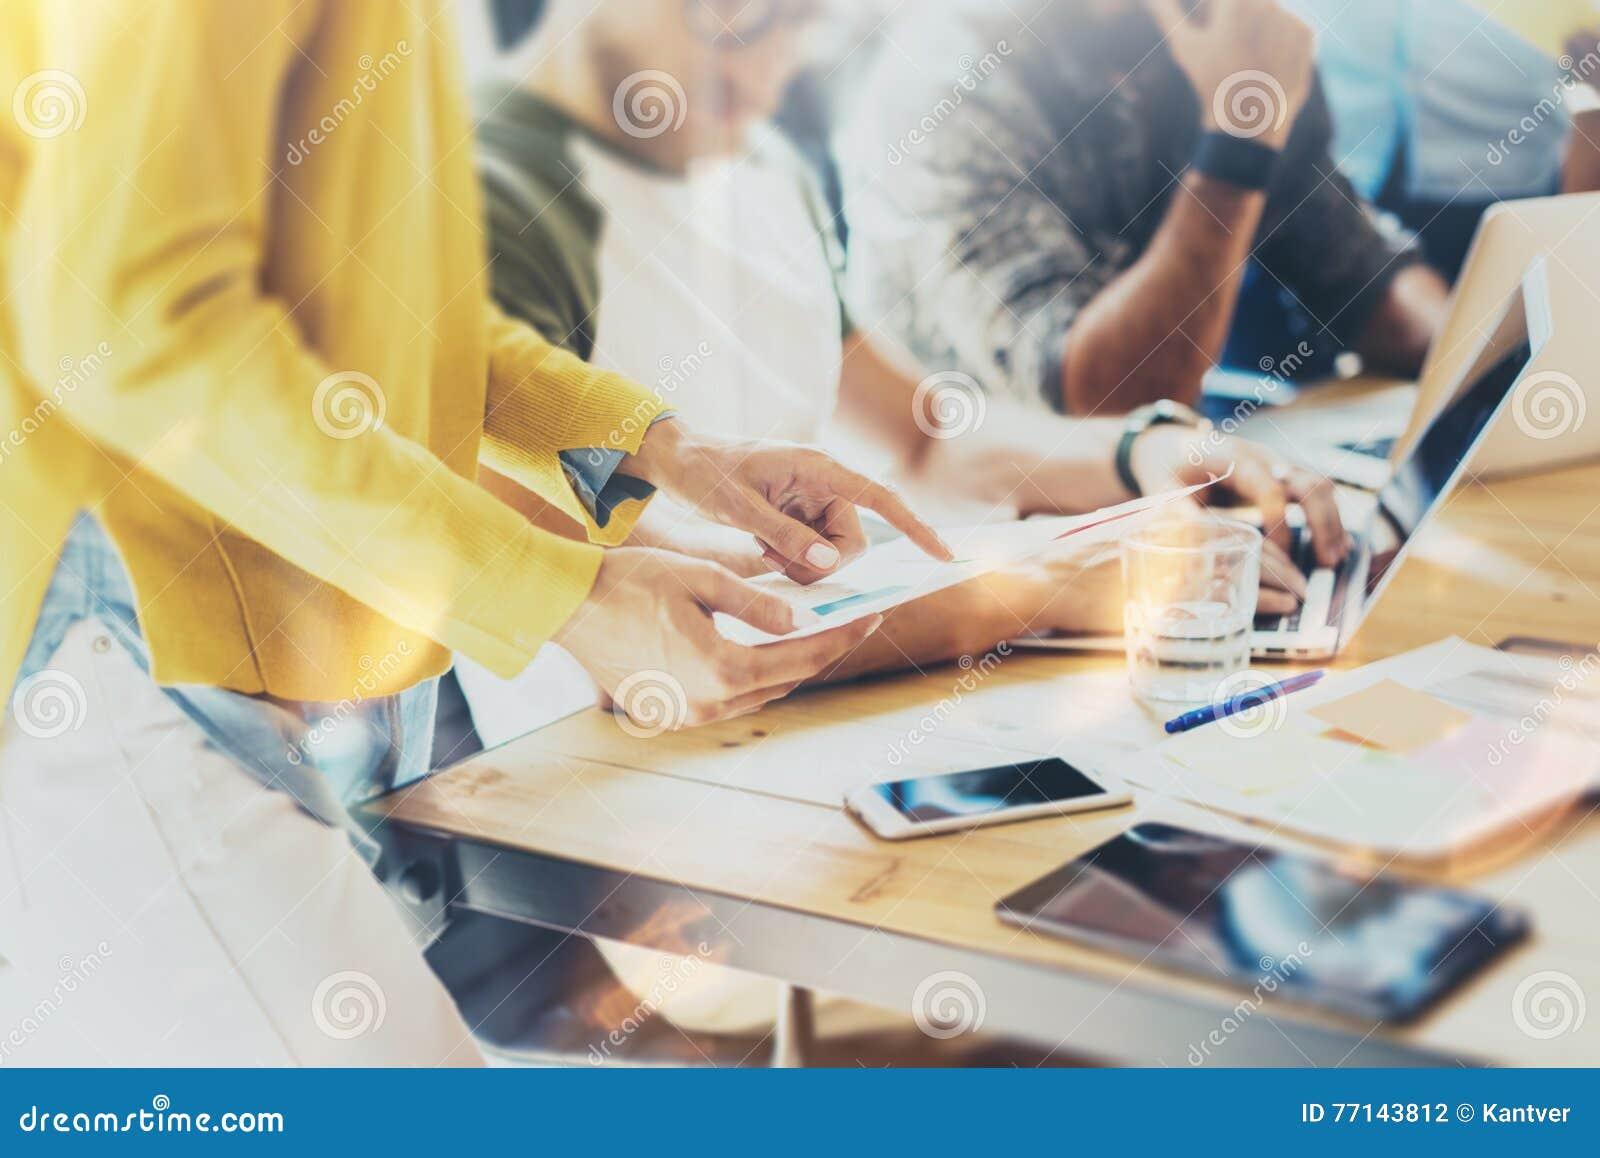 Collègue de femme prenant de grandes décisions économiques Jeune bureau de commercialisation de Team Discussion Corporate Work Co